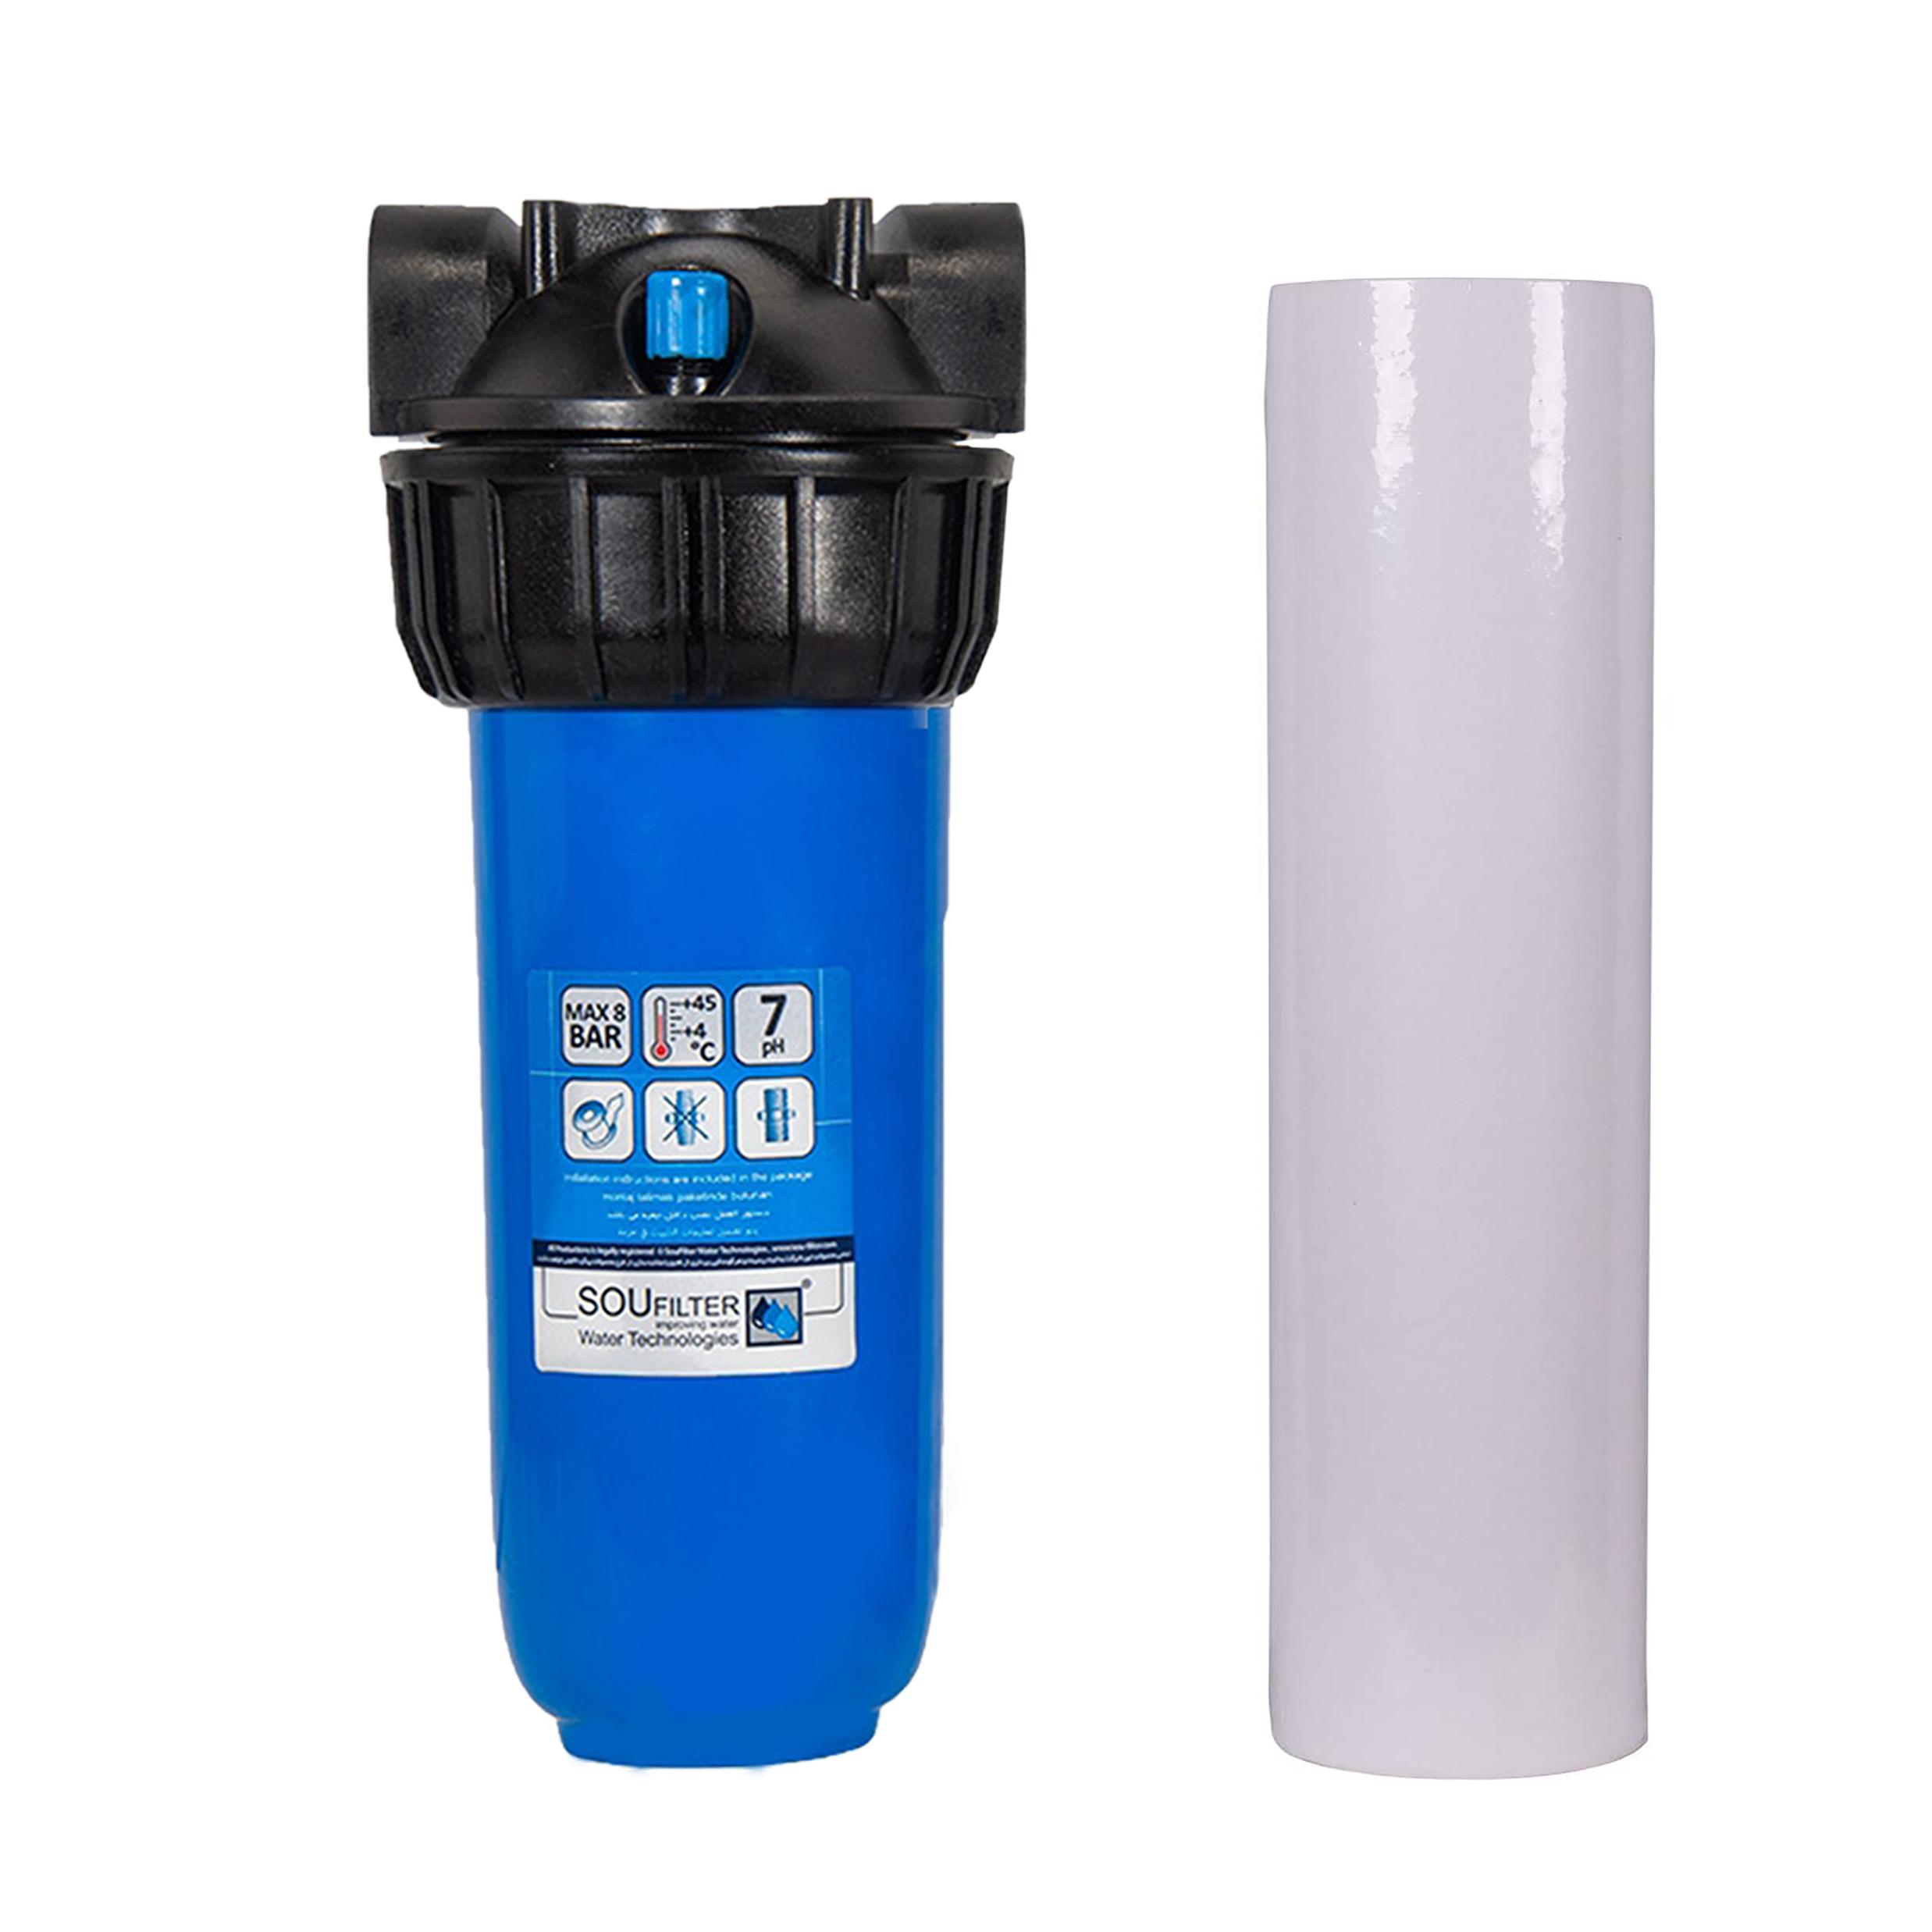 هوزینگ تصفیه کننده آب سوفیلتر مدل 001